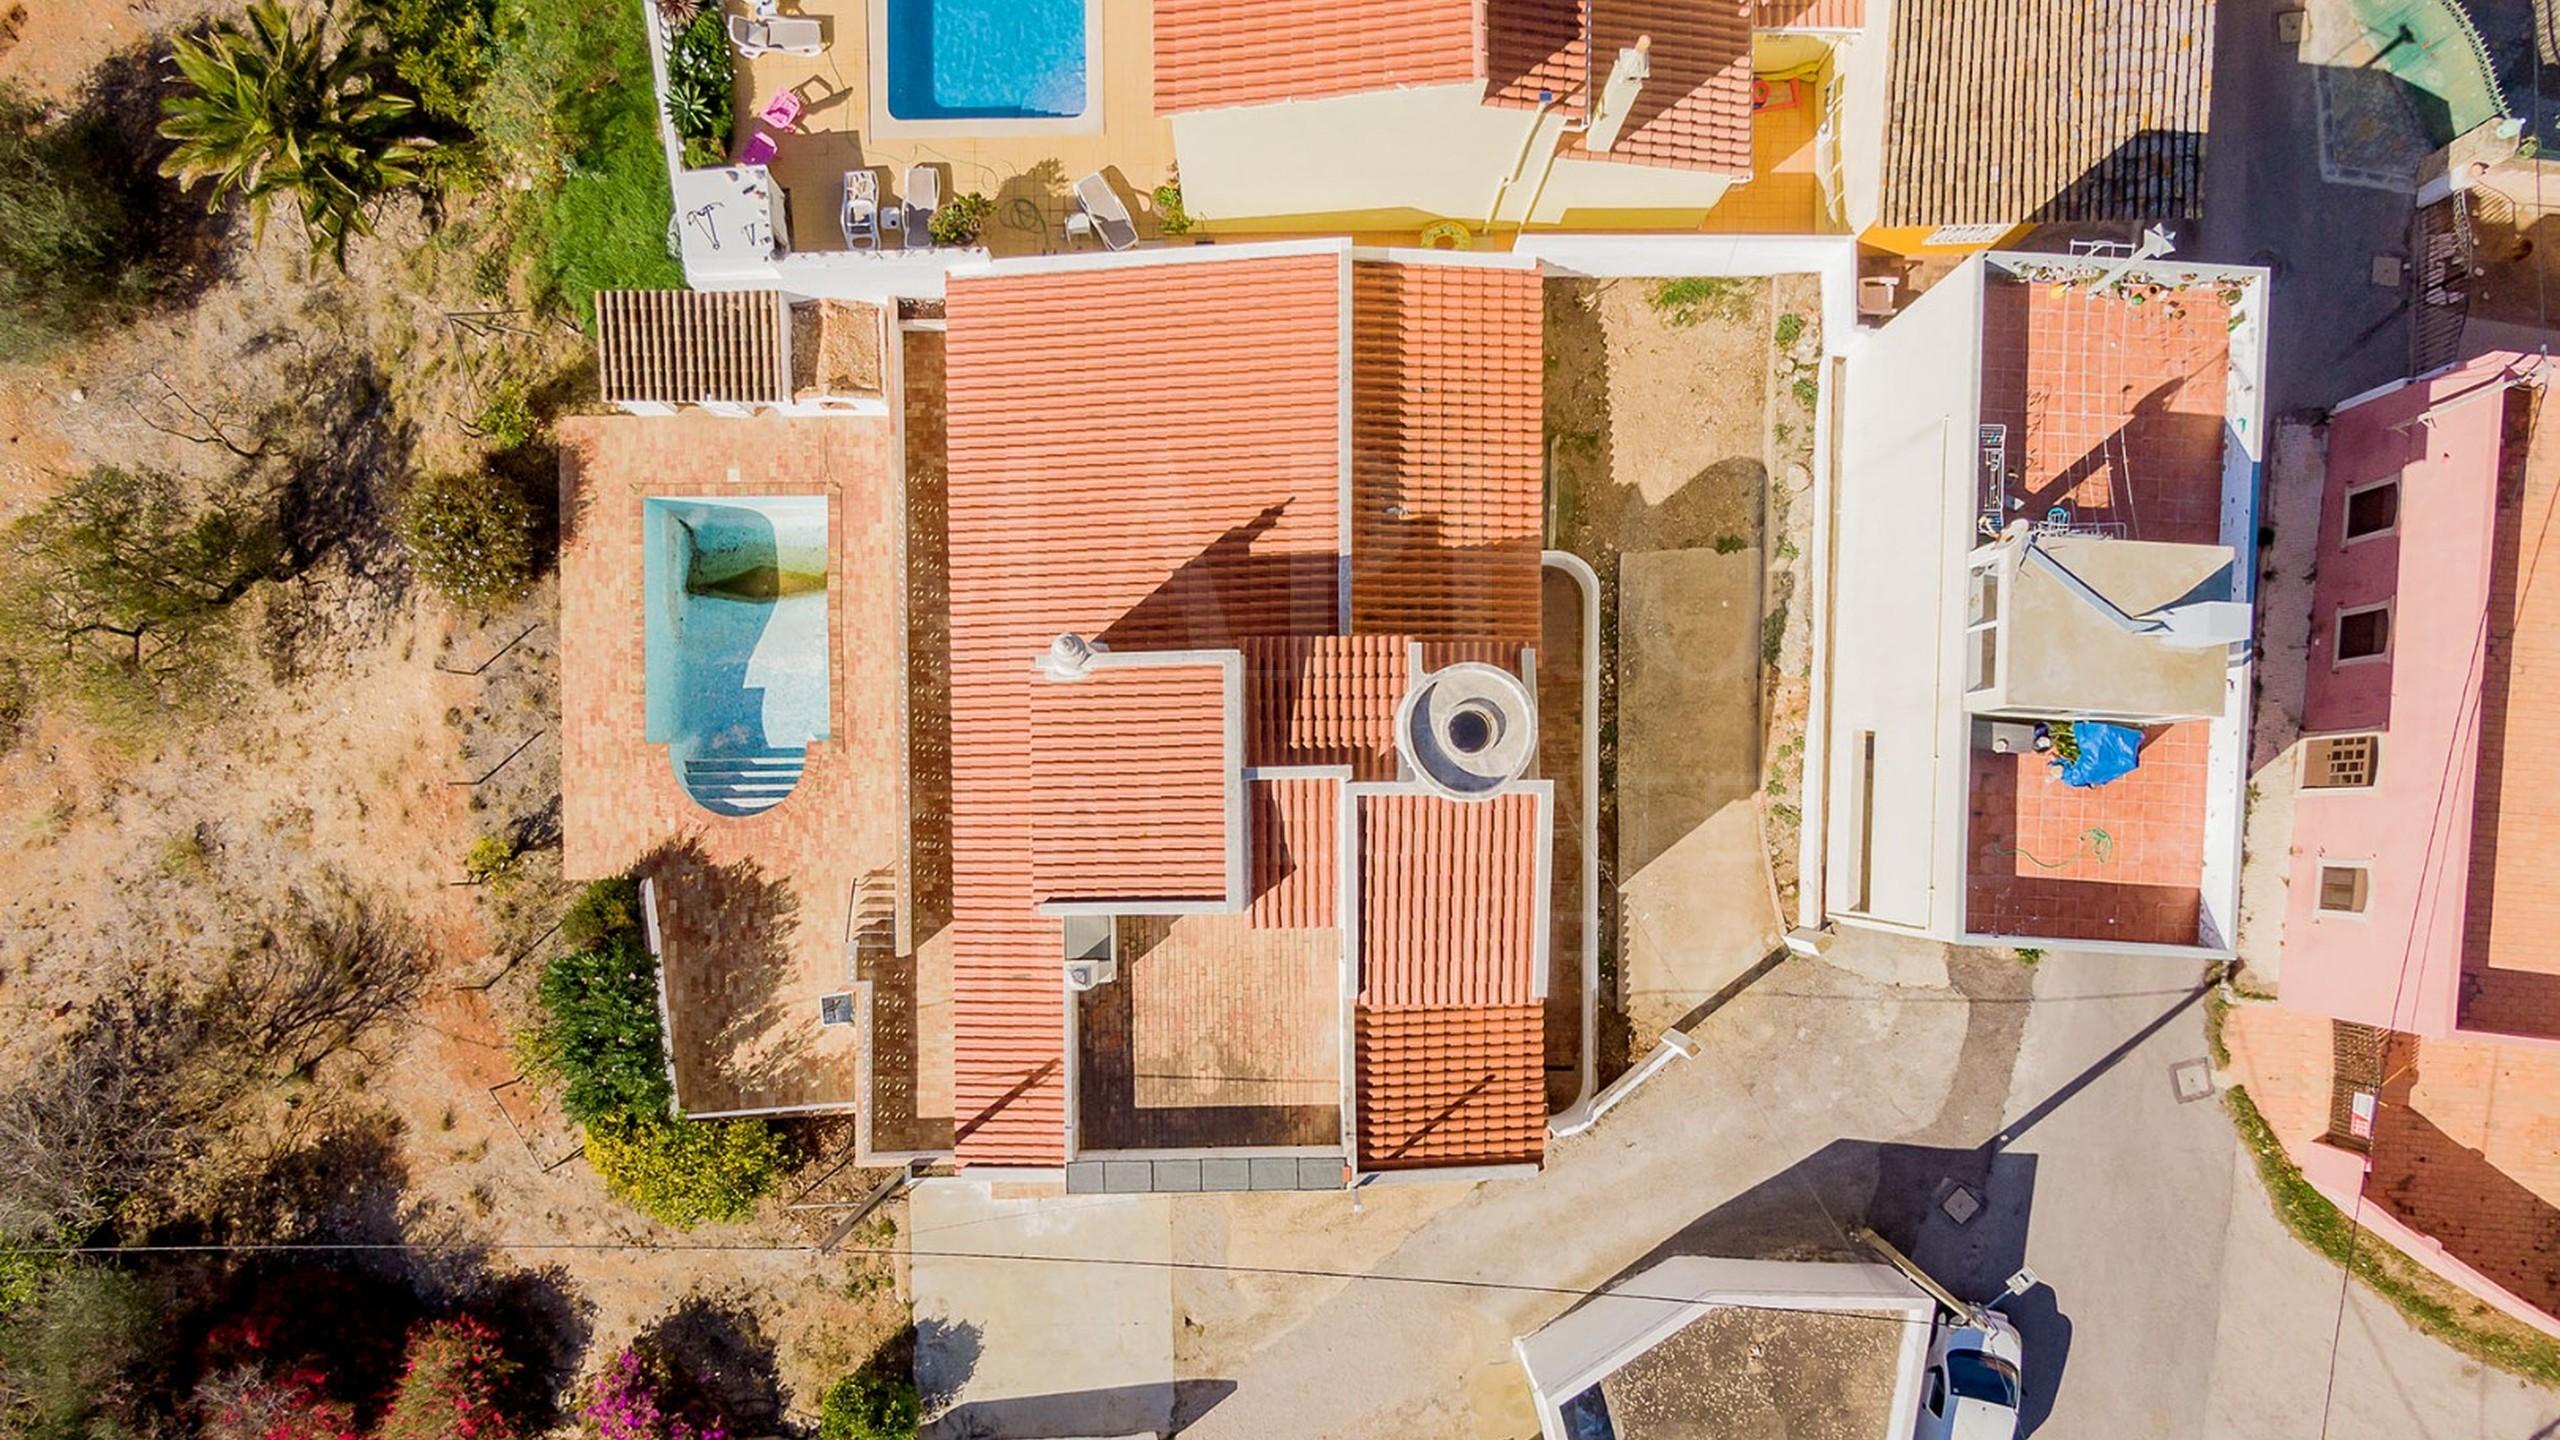 Maison à vendre en Algarve avec projet de rénovation